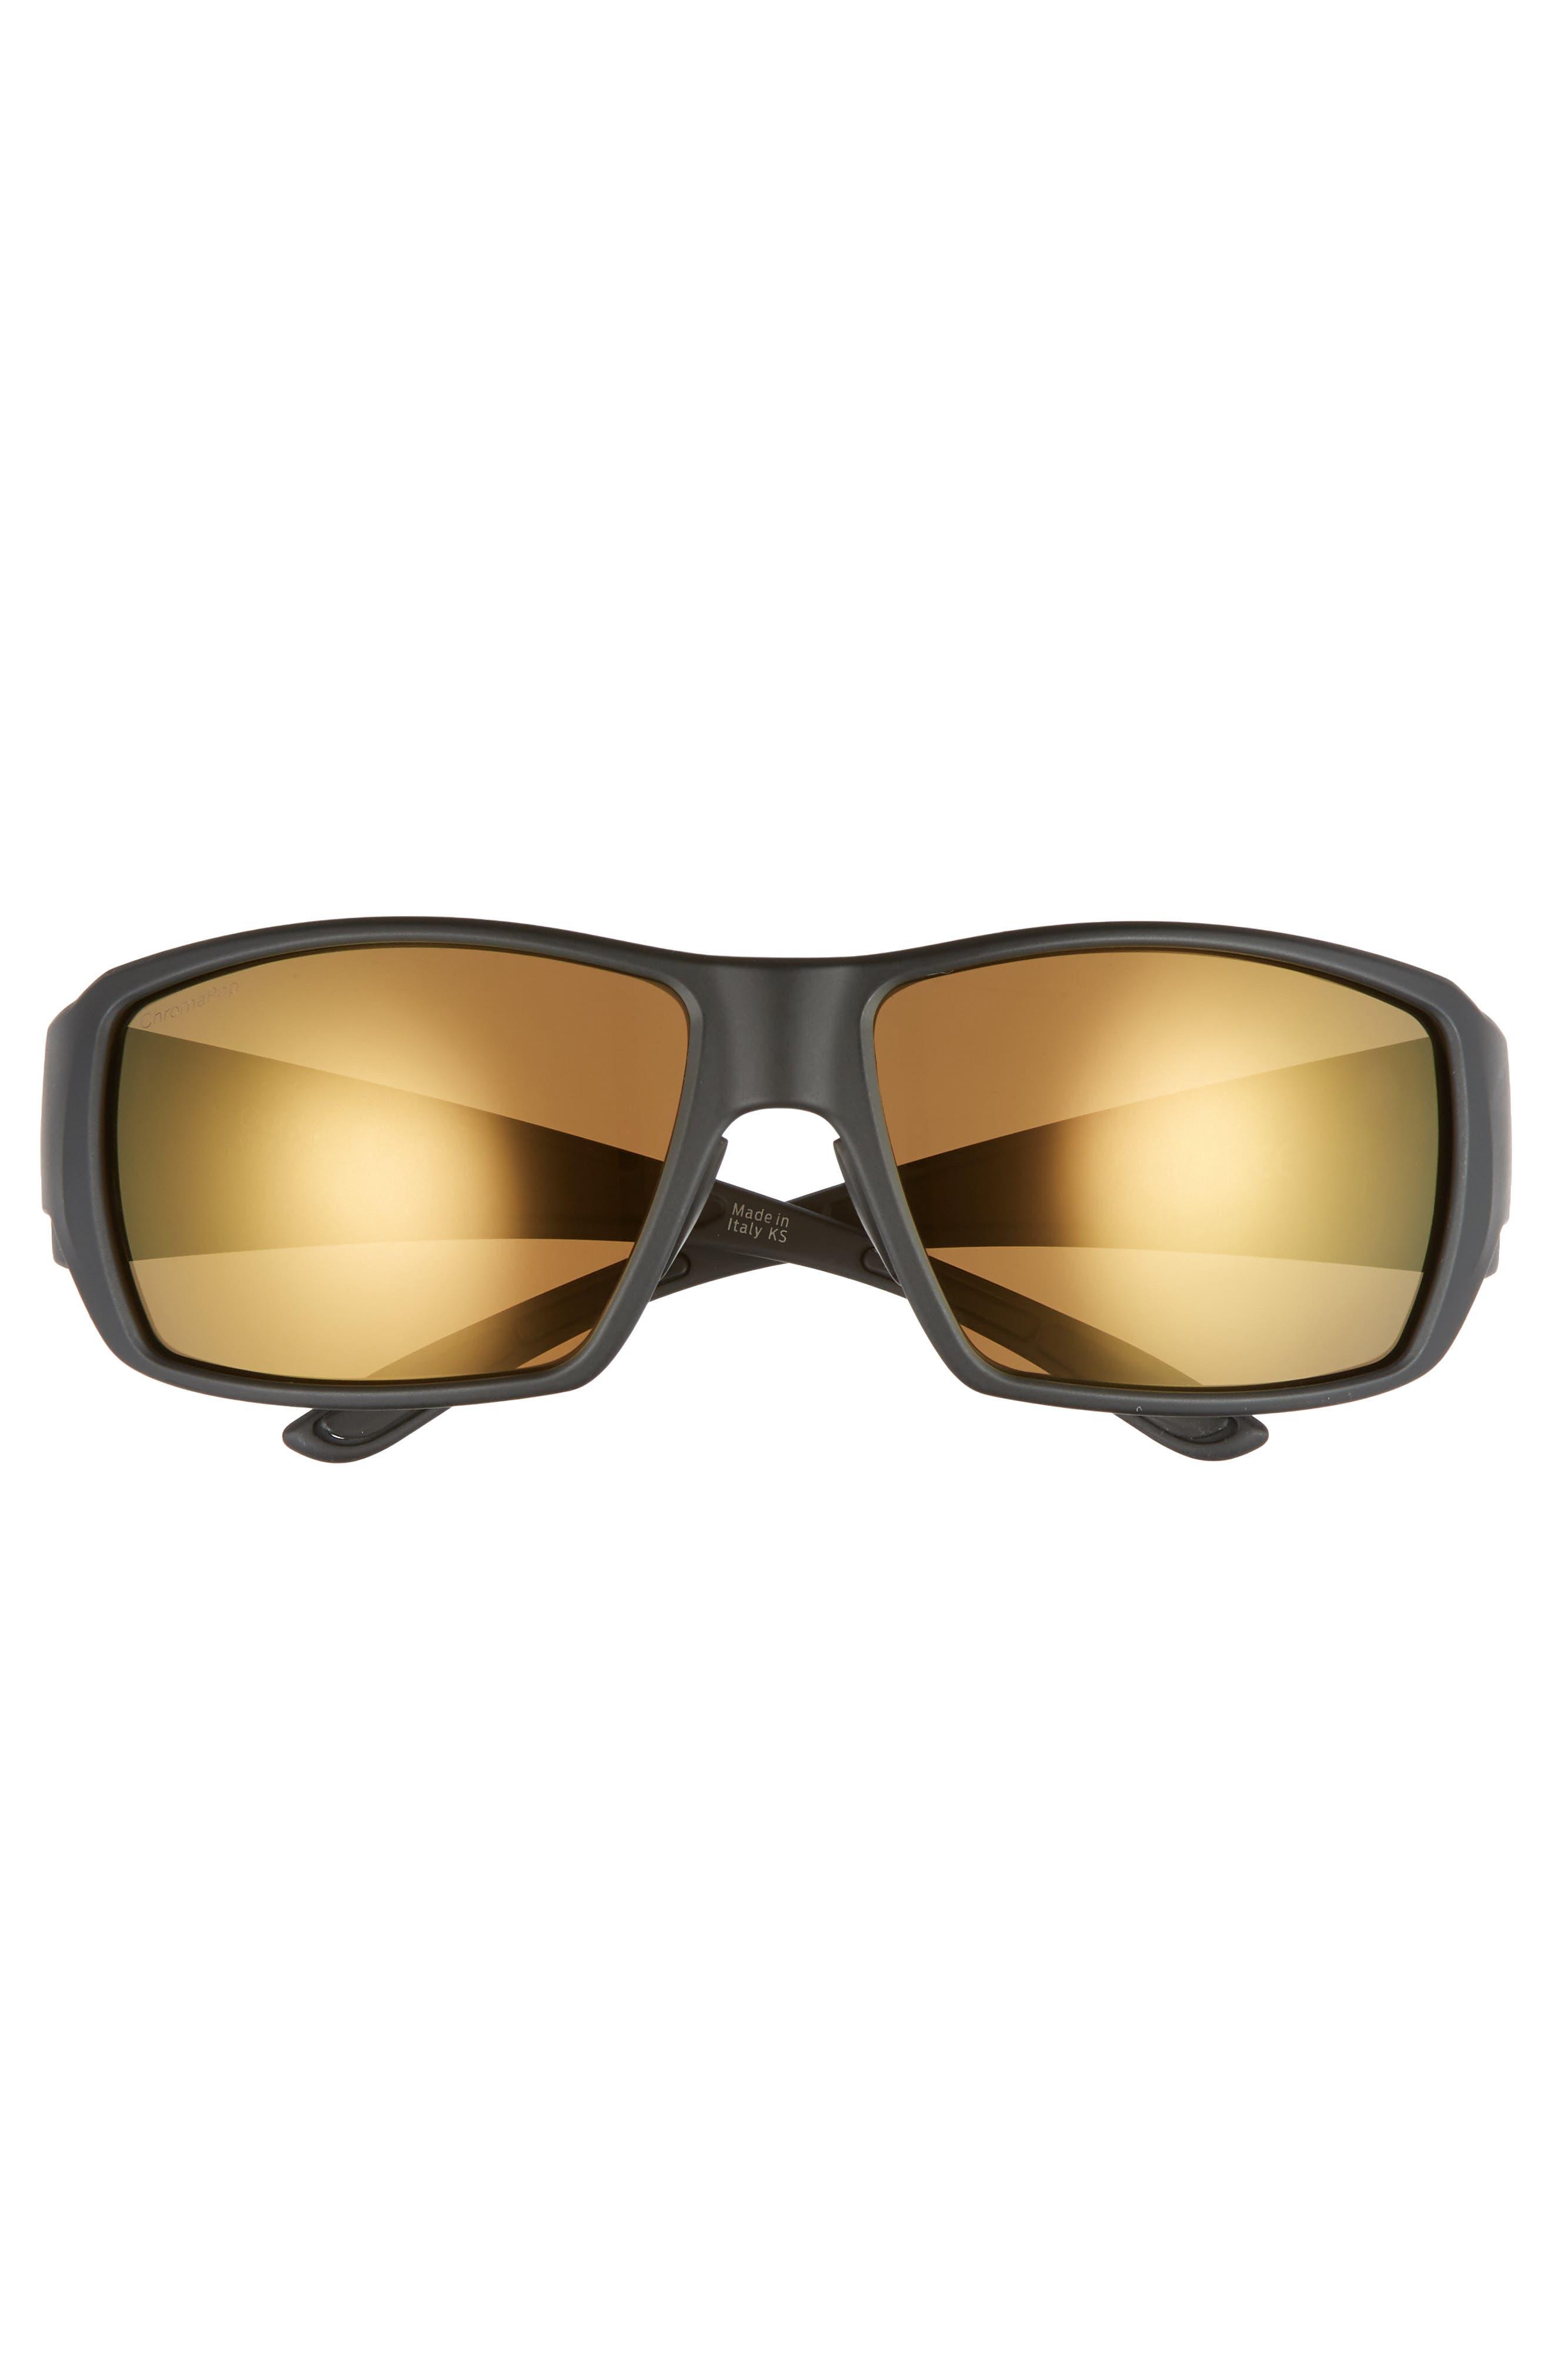 Guide's Choice 62mm ChromaPop<sup>™</sup> Sport Sunglasses,                             Alternate thumbnail 2, color,                             MATTE BLACK/ BRONZE MIRROR